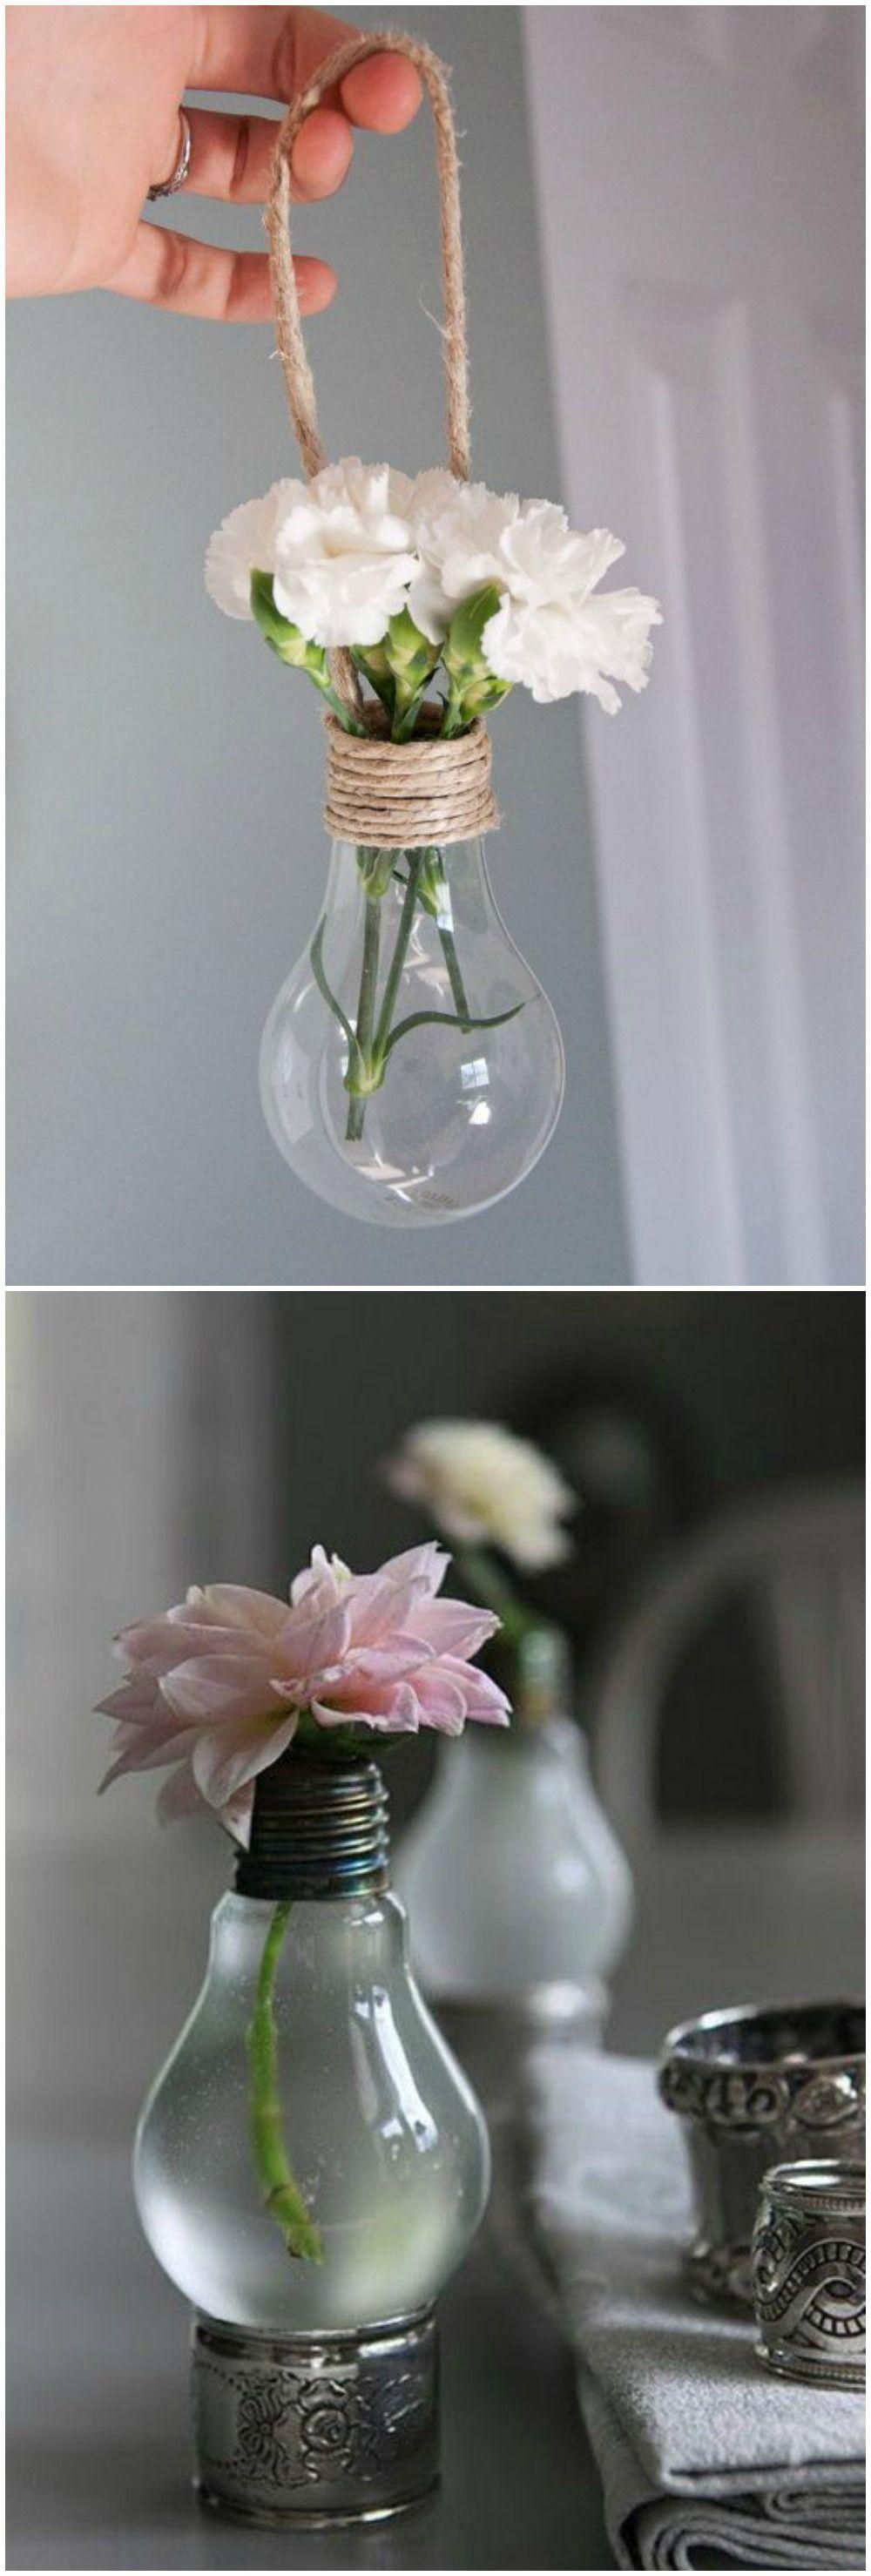 bombillas recicladas deko dekoration und gl hbirnen. Black Bedroom Furniture Sets. Home Design Ideas